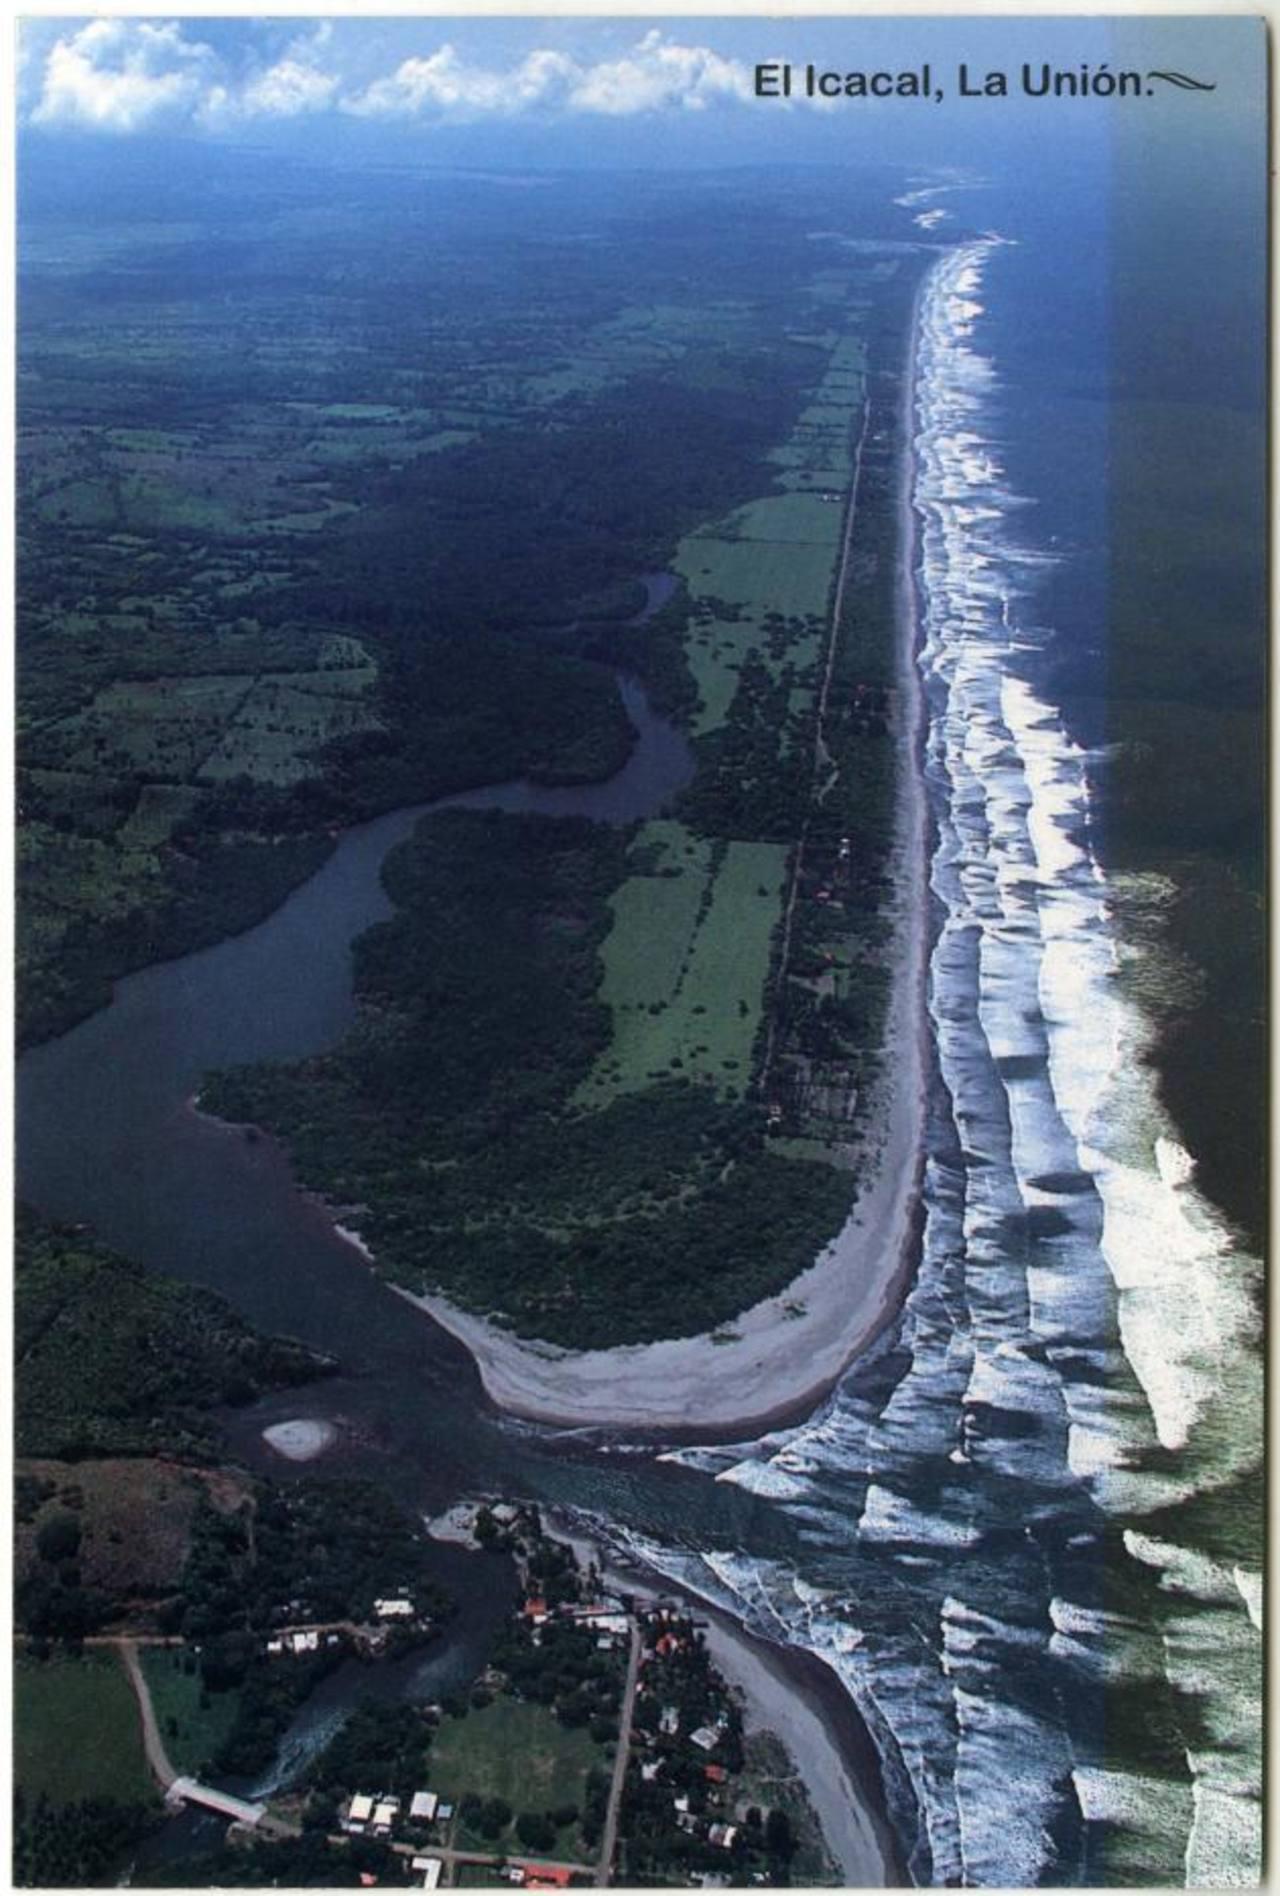 Foto aérea de playa El Icacal, en La Unión, la que según empresarios de turismo podría permitir desarrollos integrales. EDH